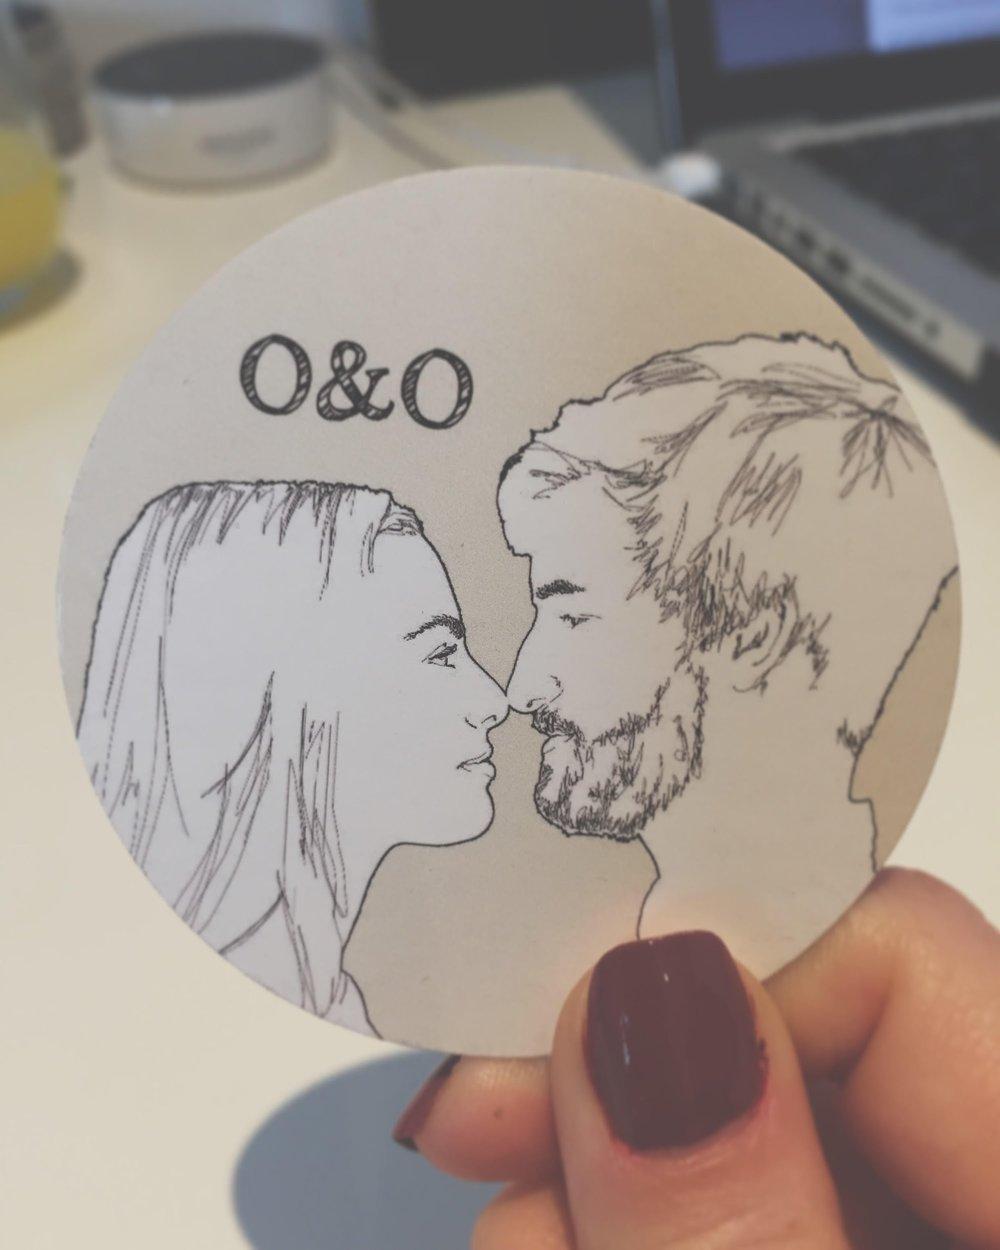 O&O See.jpg